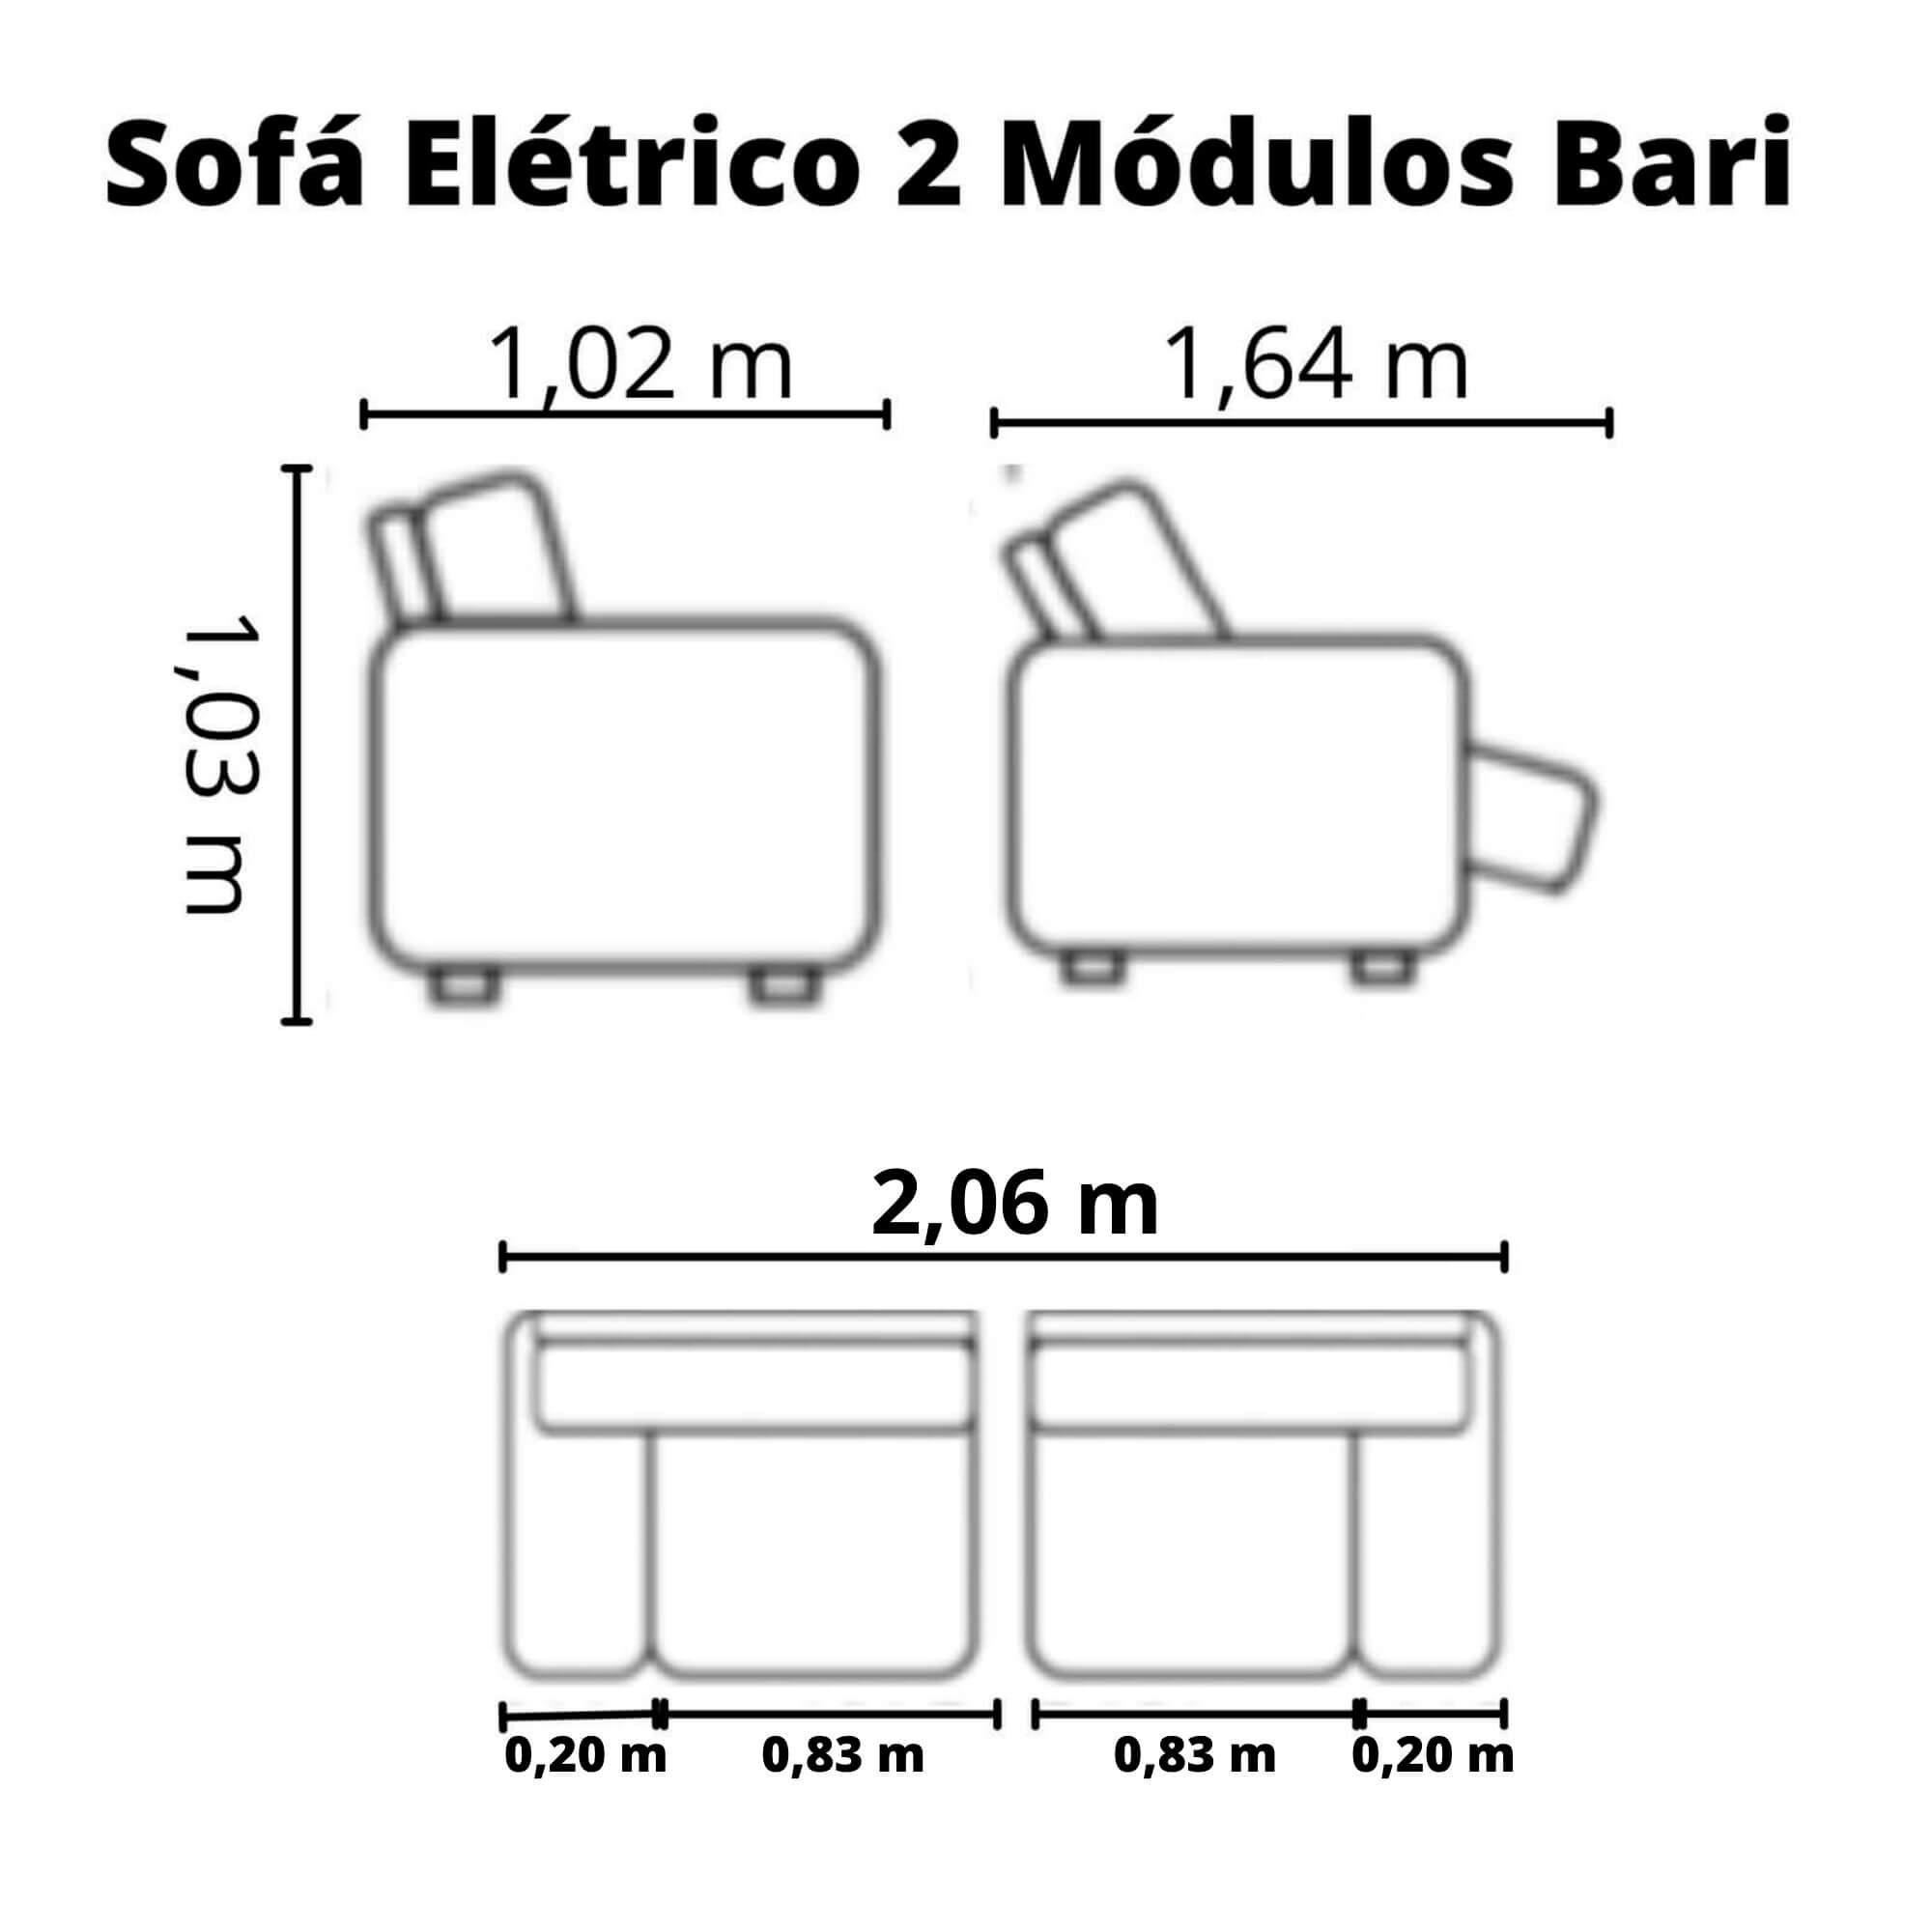 Sofá Retrátil Elétrico de Couro 206cm - Bari Caramelo